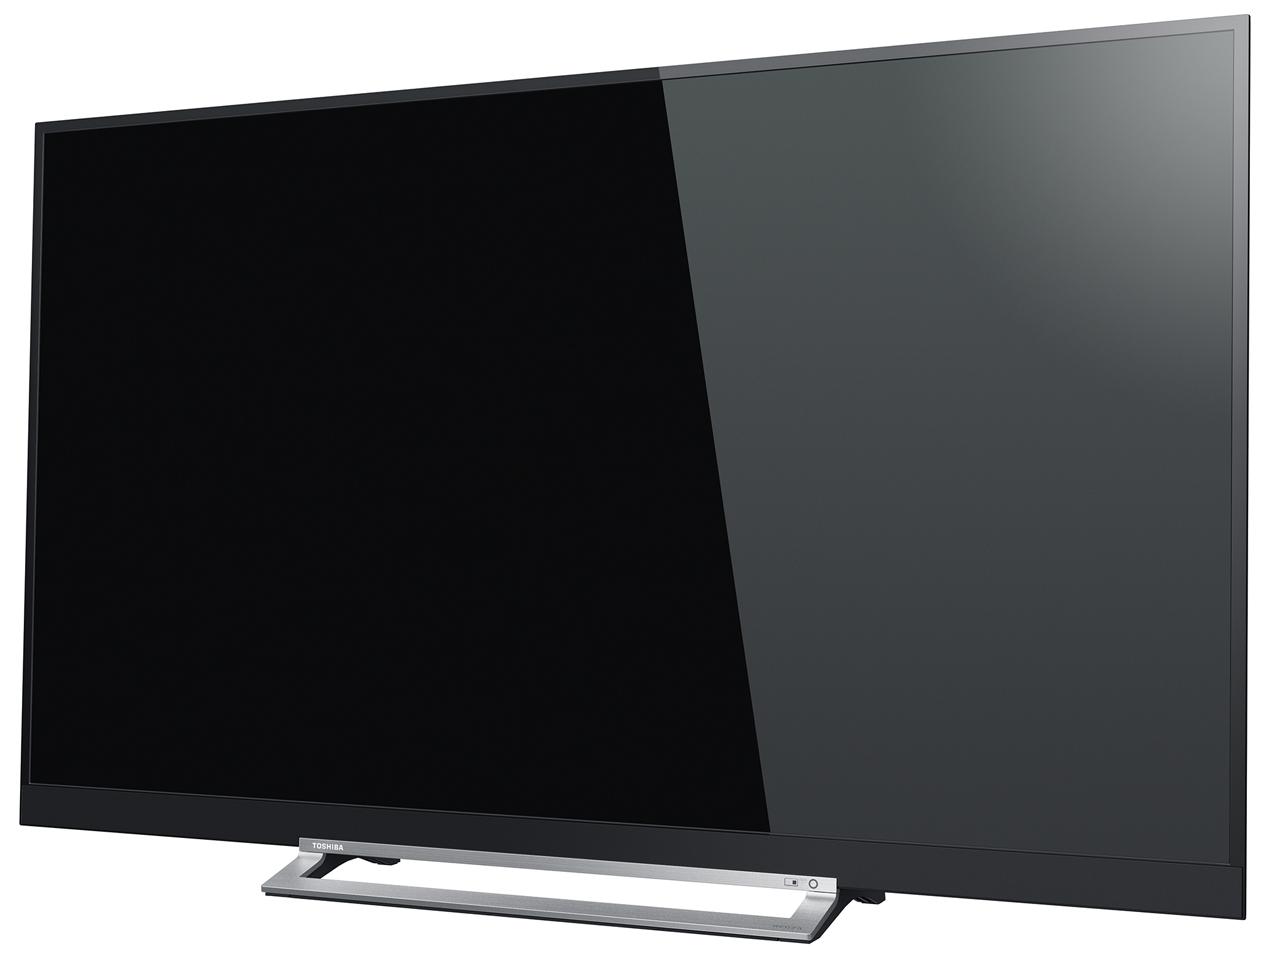 『本体 斜め』 REGZA 55Z730X [55インチ] の製品画像